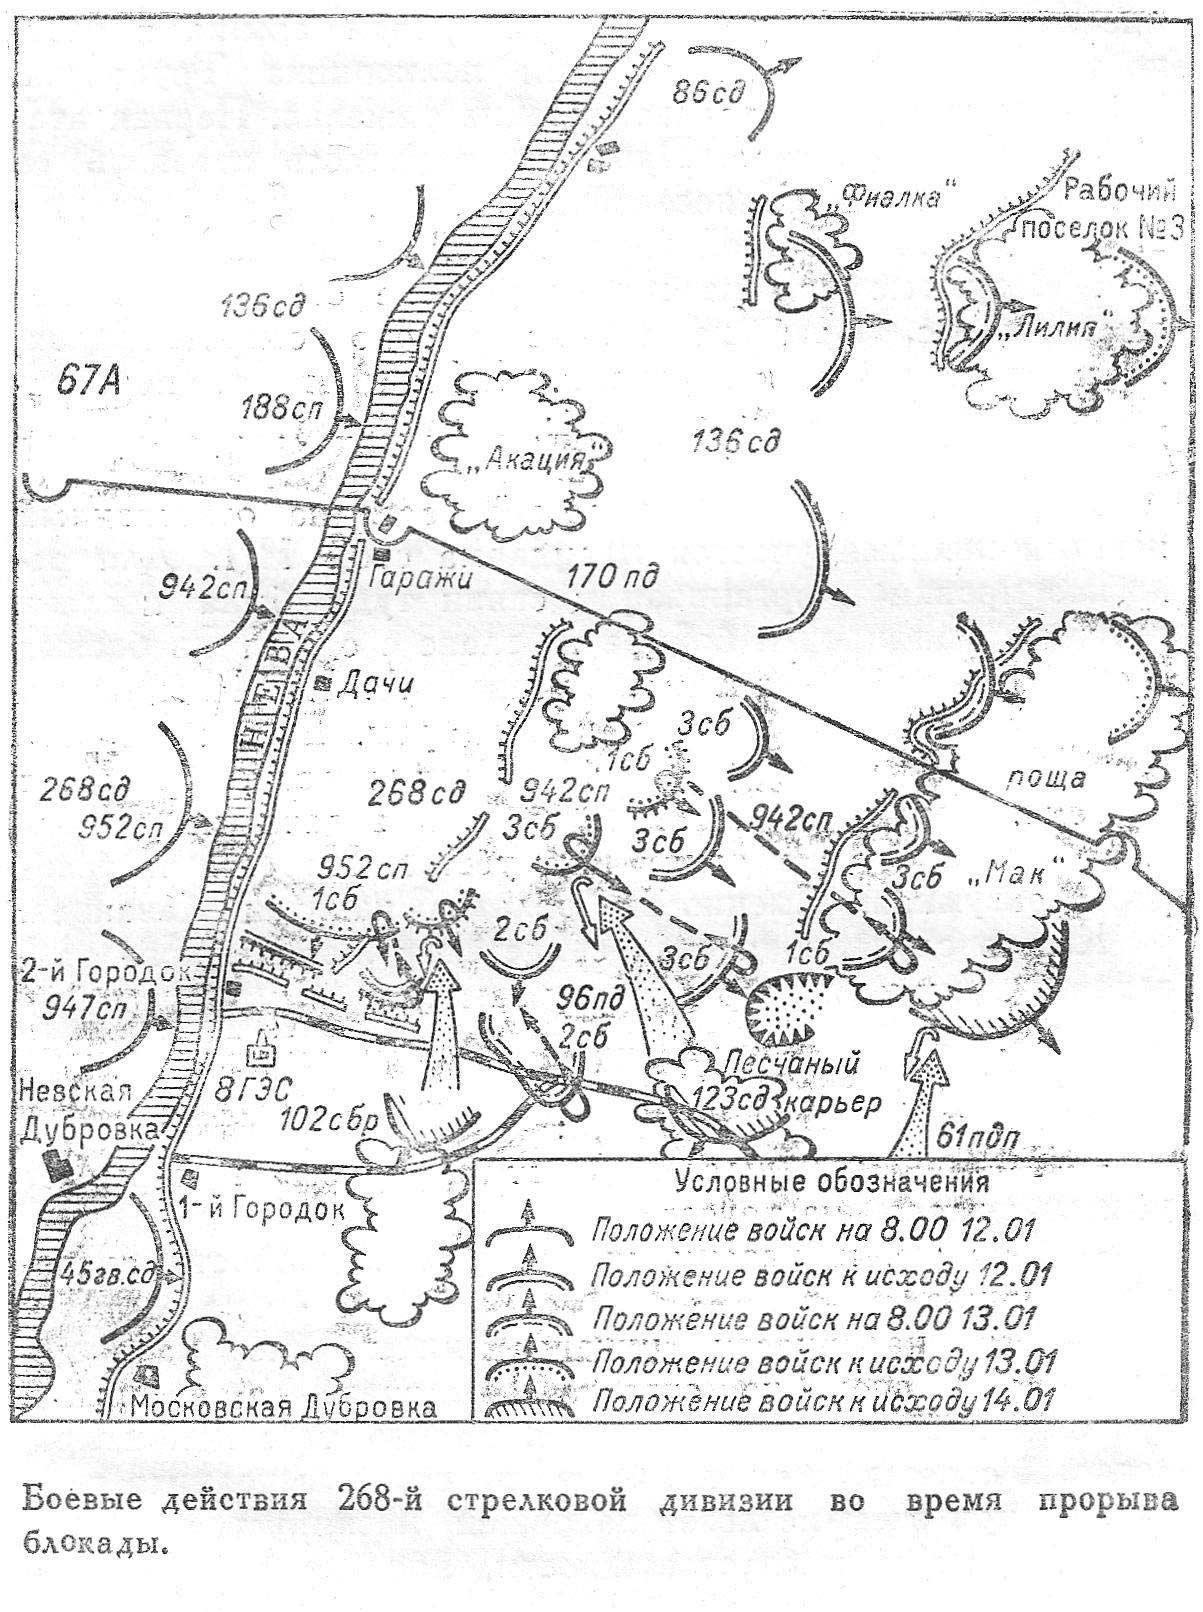 А вот - схема боевых действий 268 стрелковой дивизии.  Видно, что 947 полк штурмовал через Неву укрепленные бетонные...